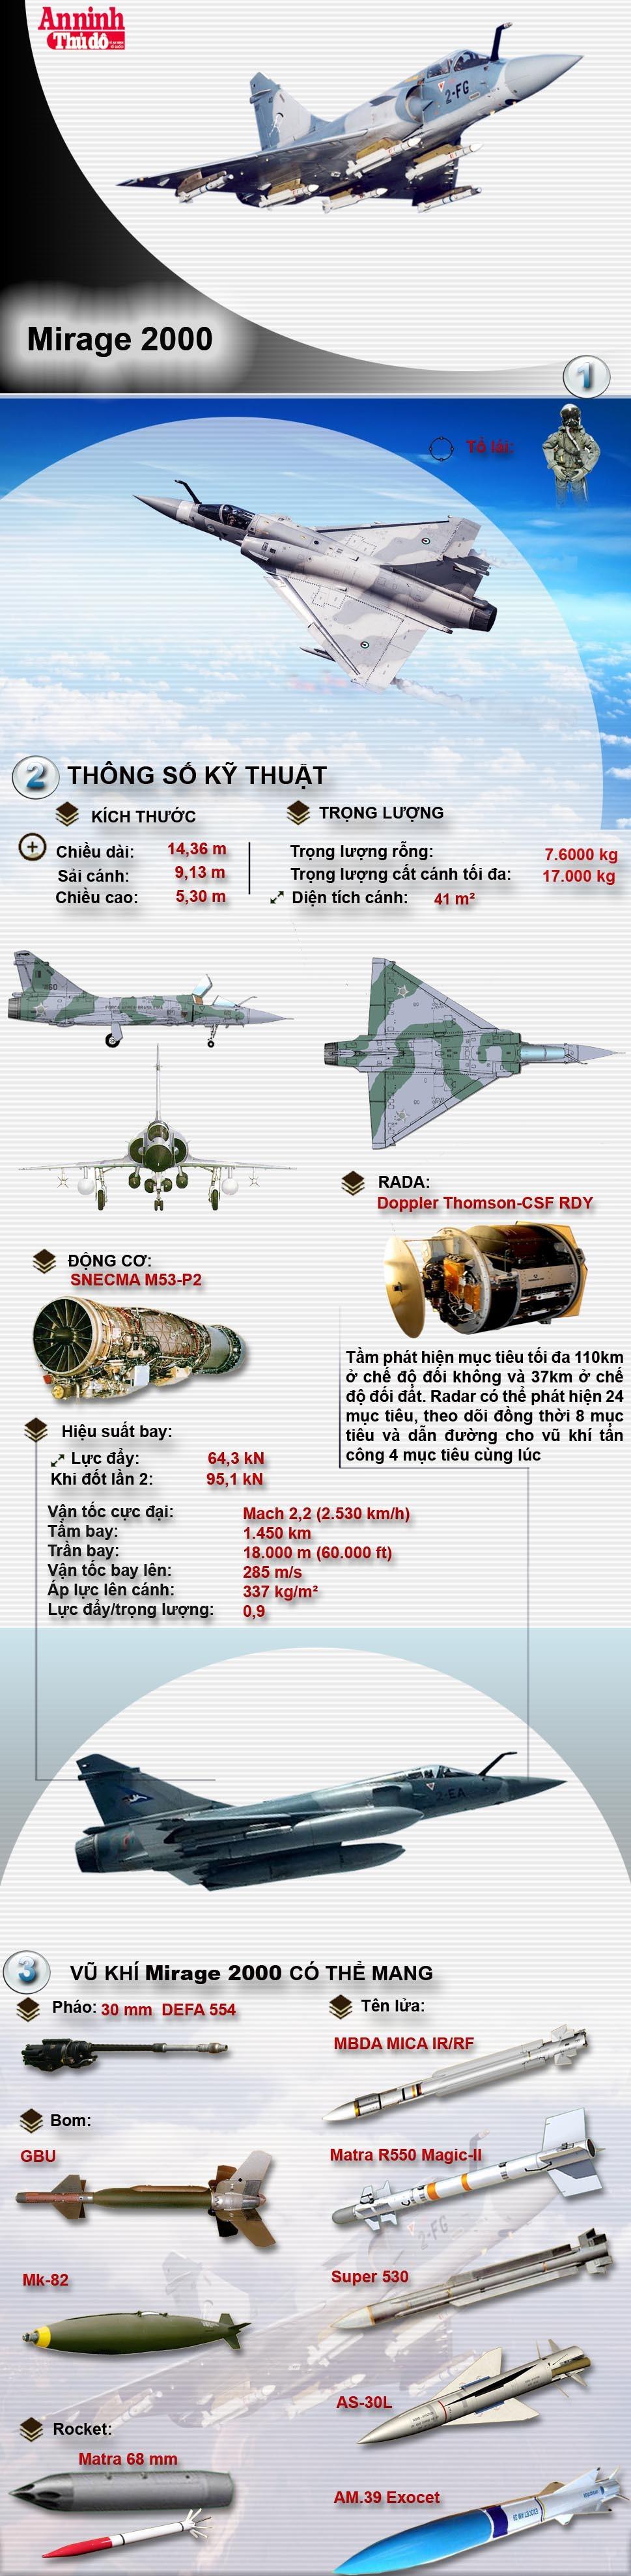 [Infographic] Tiêm kích Mirage 2000 UAE rơi ở Yemen, hai phi công thiệt mạng ảnh 1